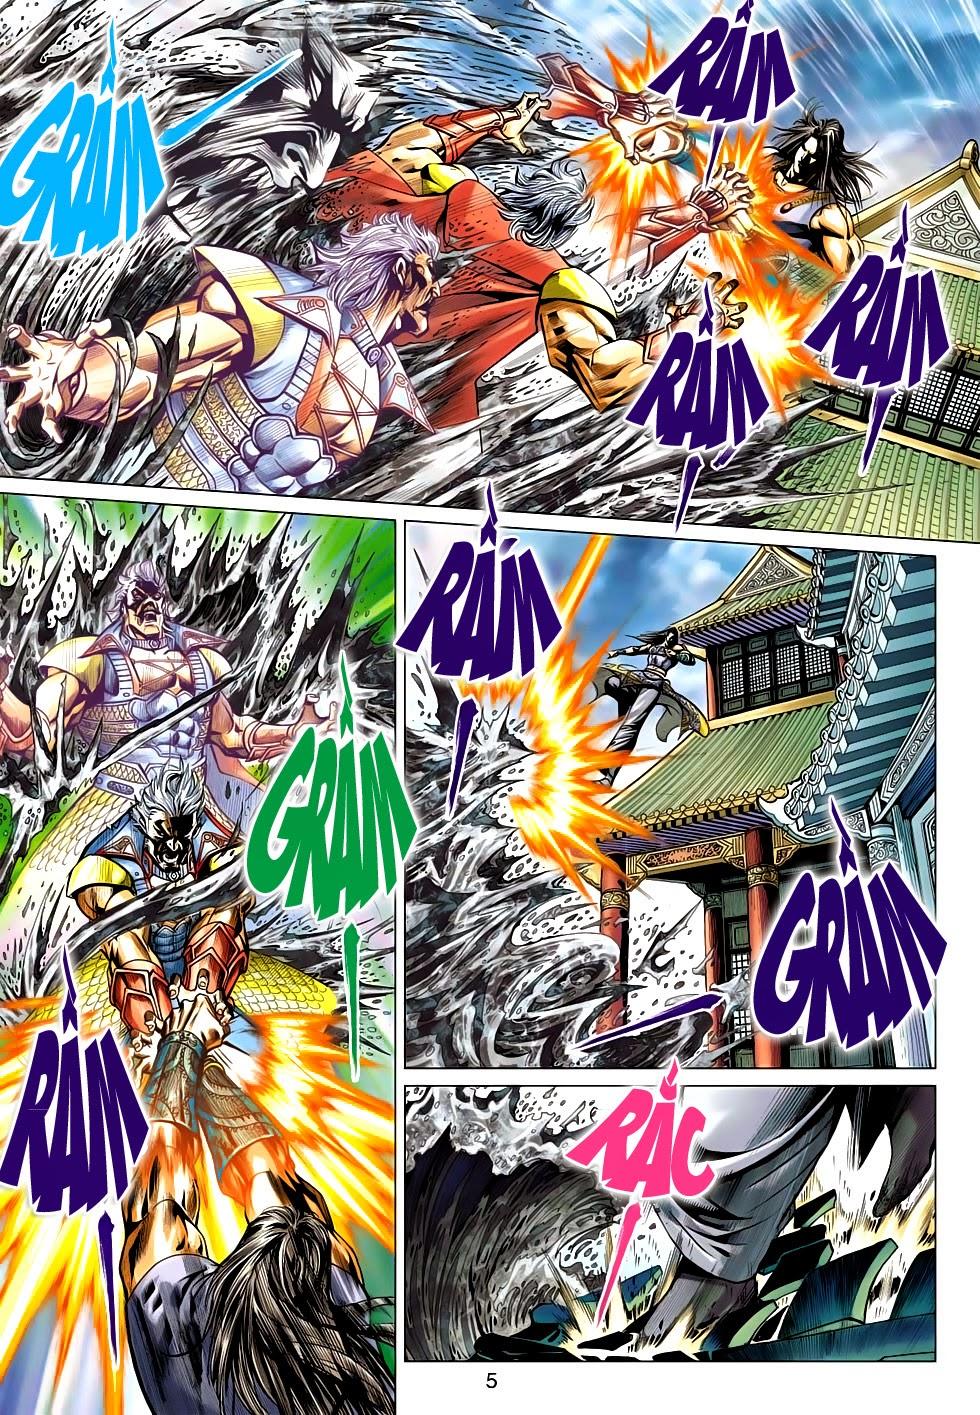 Thần Châu Kỳ Hiệp chap 32 – End Trang 5 - Mangak.info